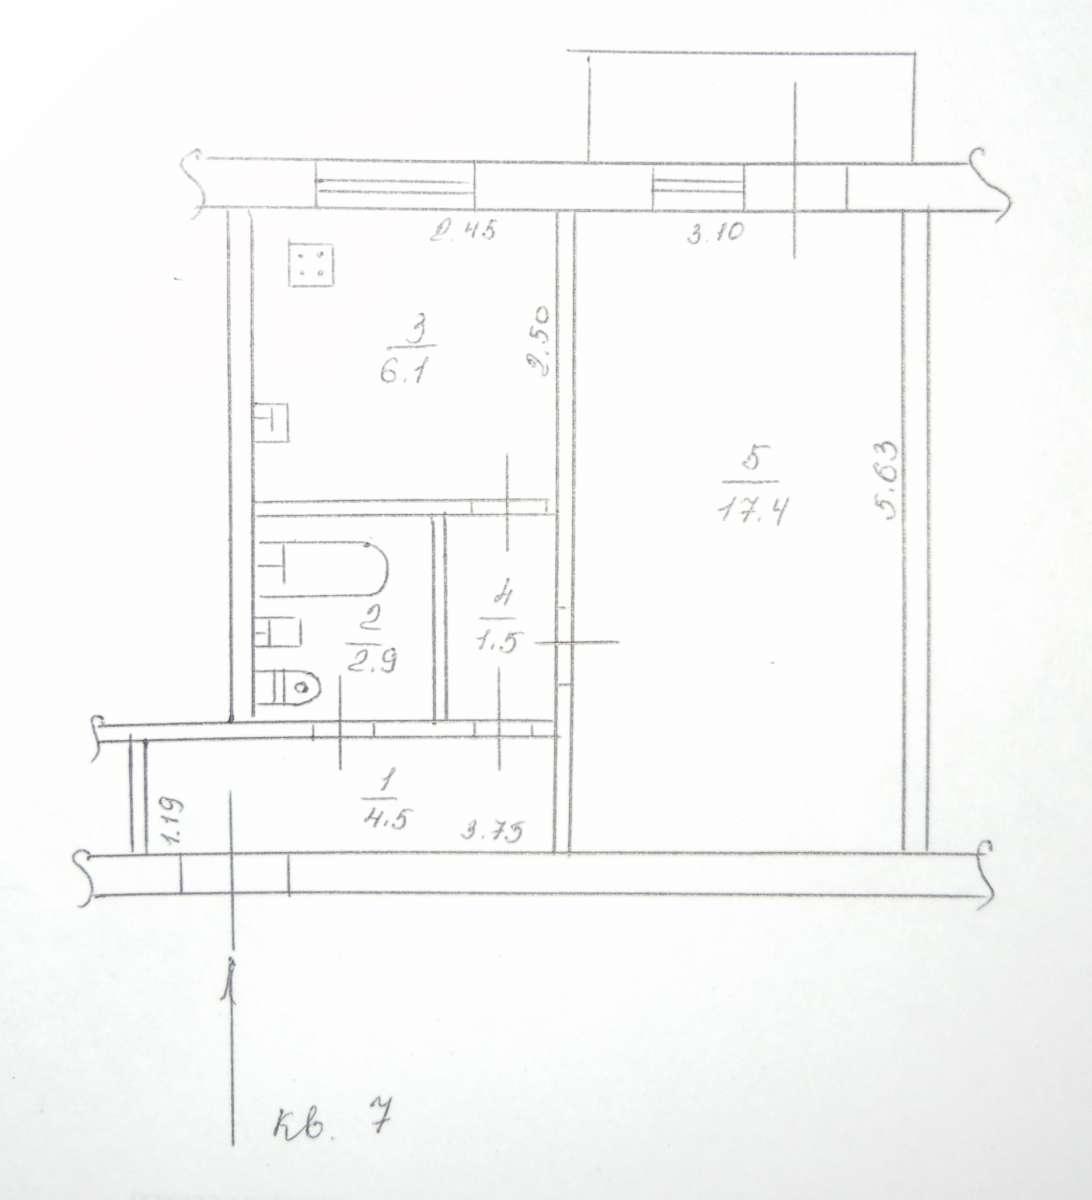 СРОЧНО ДО 30.06 Однокомнатная квартира, не угловая, 2 этаж, без долгов